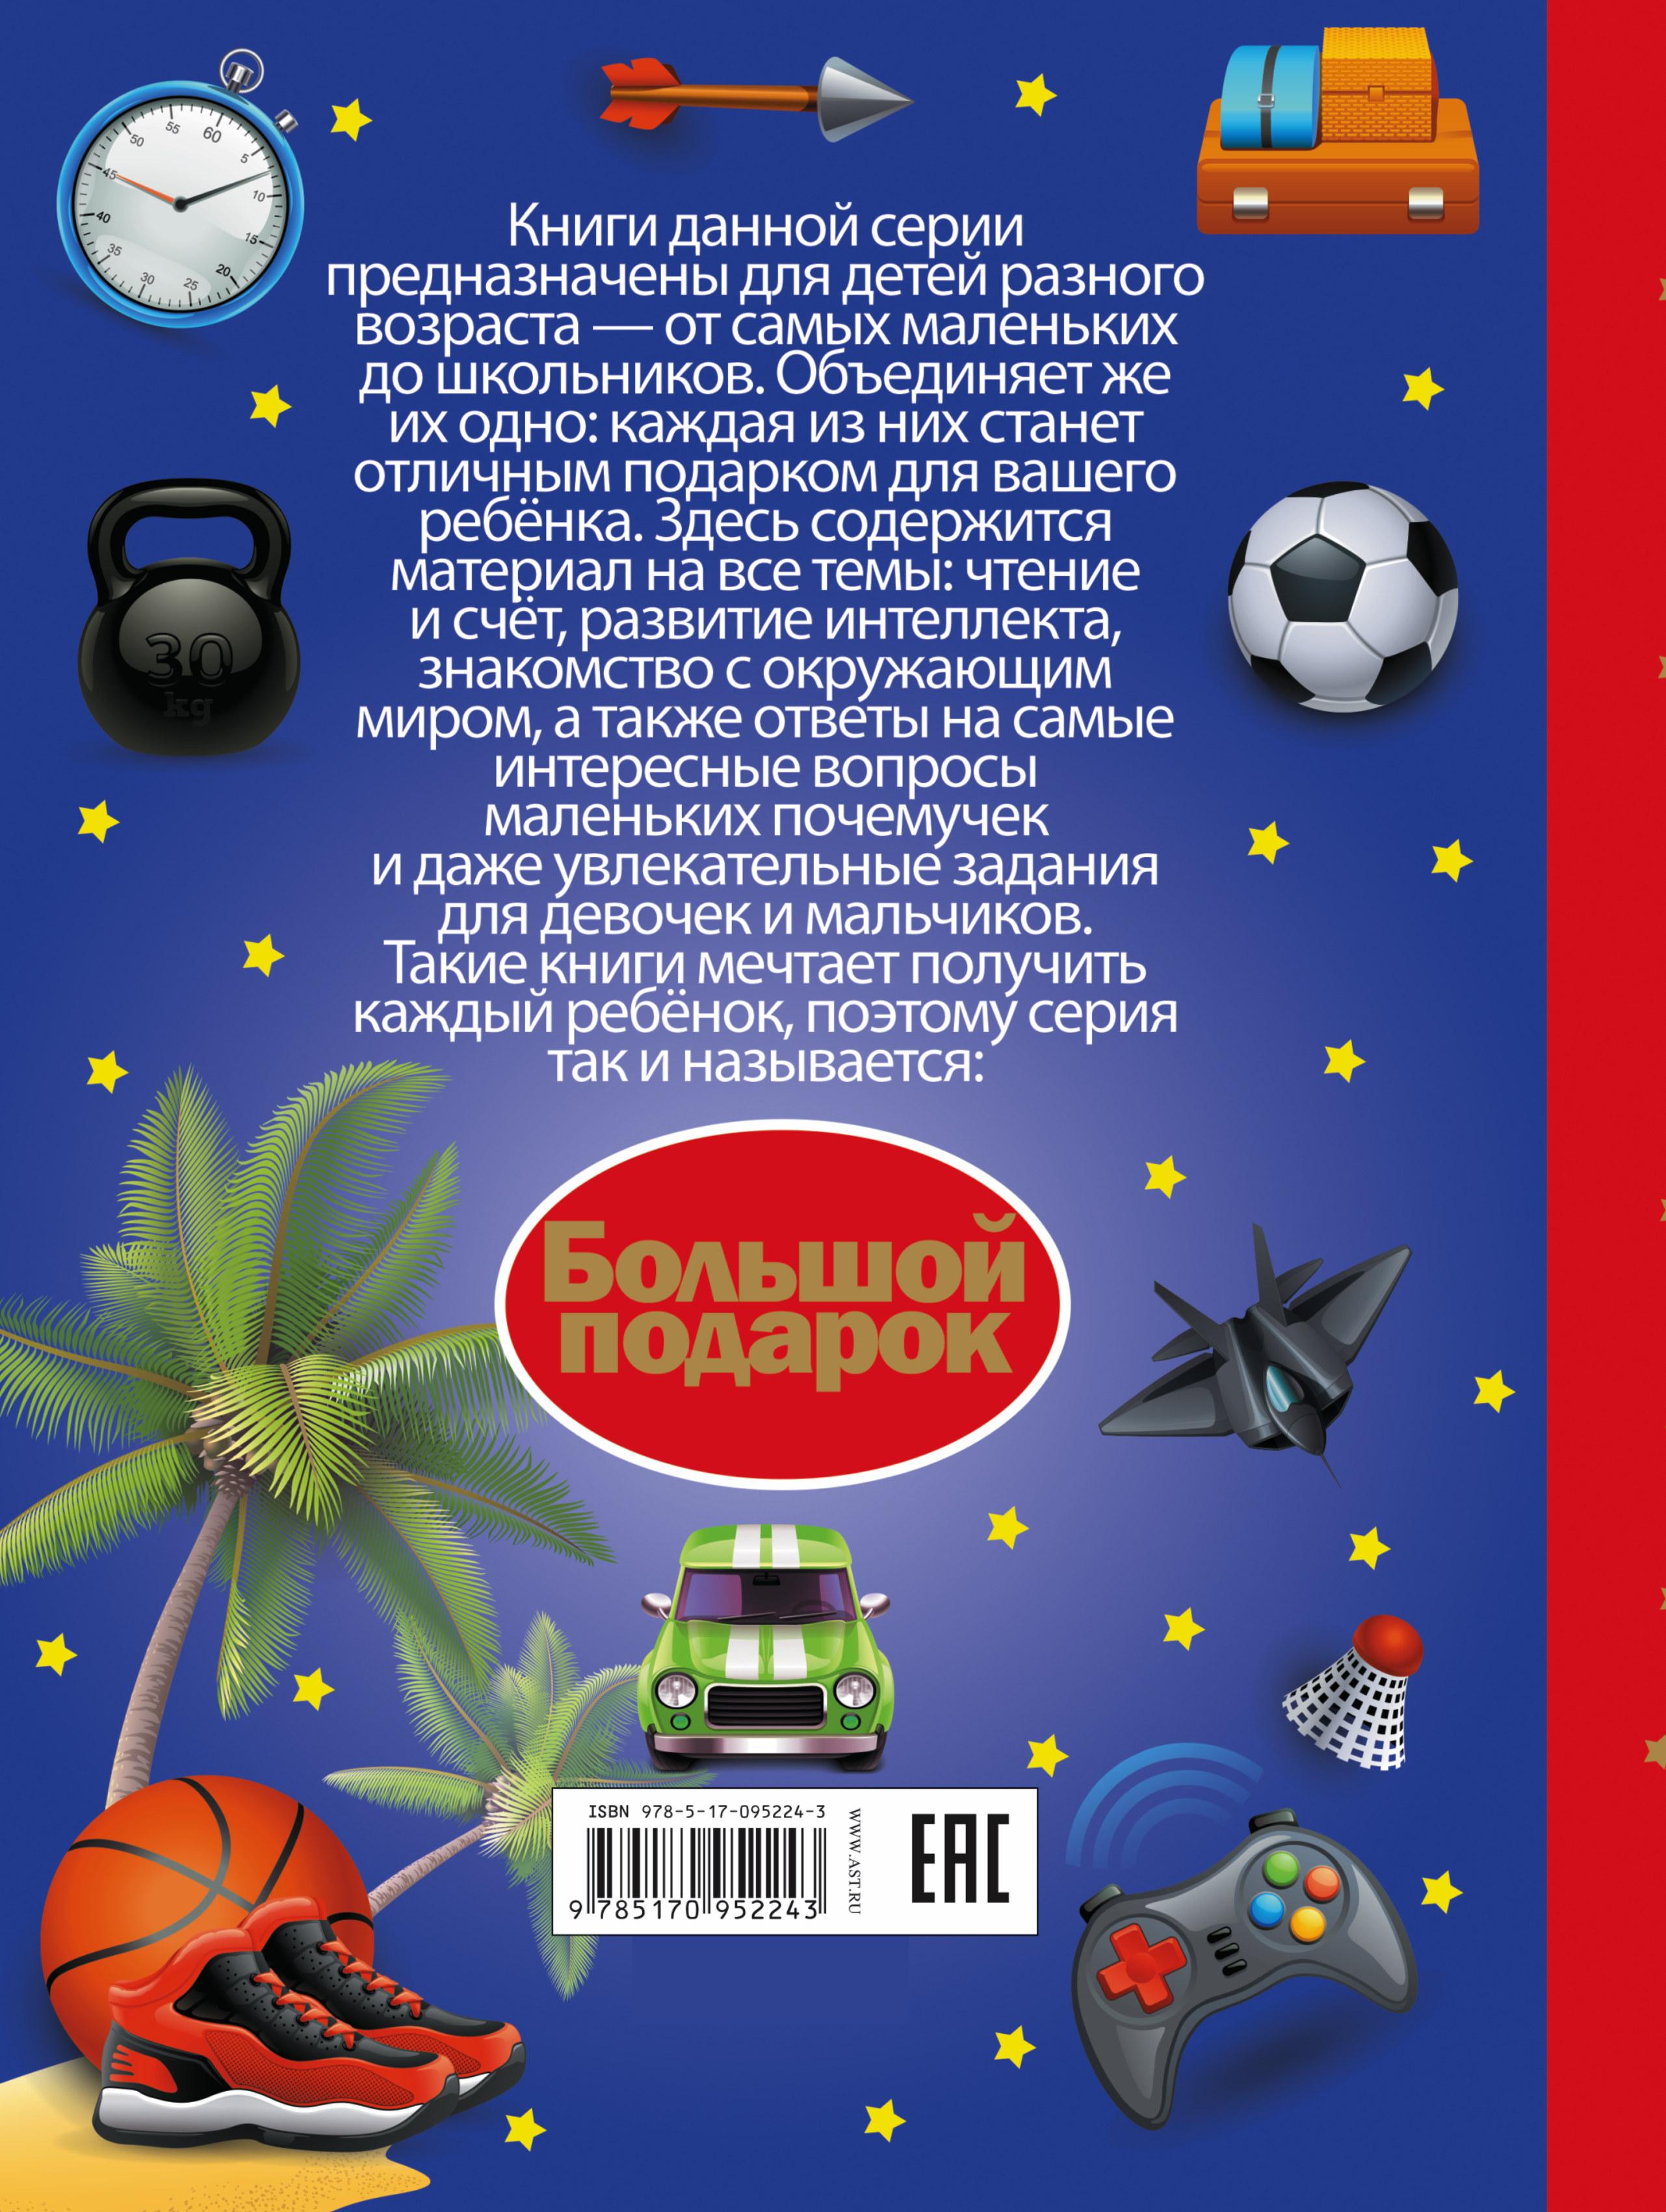 К. С. Аниашвили, Р. Г. Зуенок, И. М. Попова. Большой подарок мальчикам